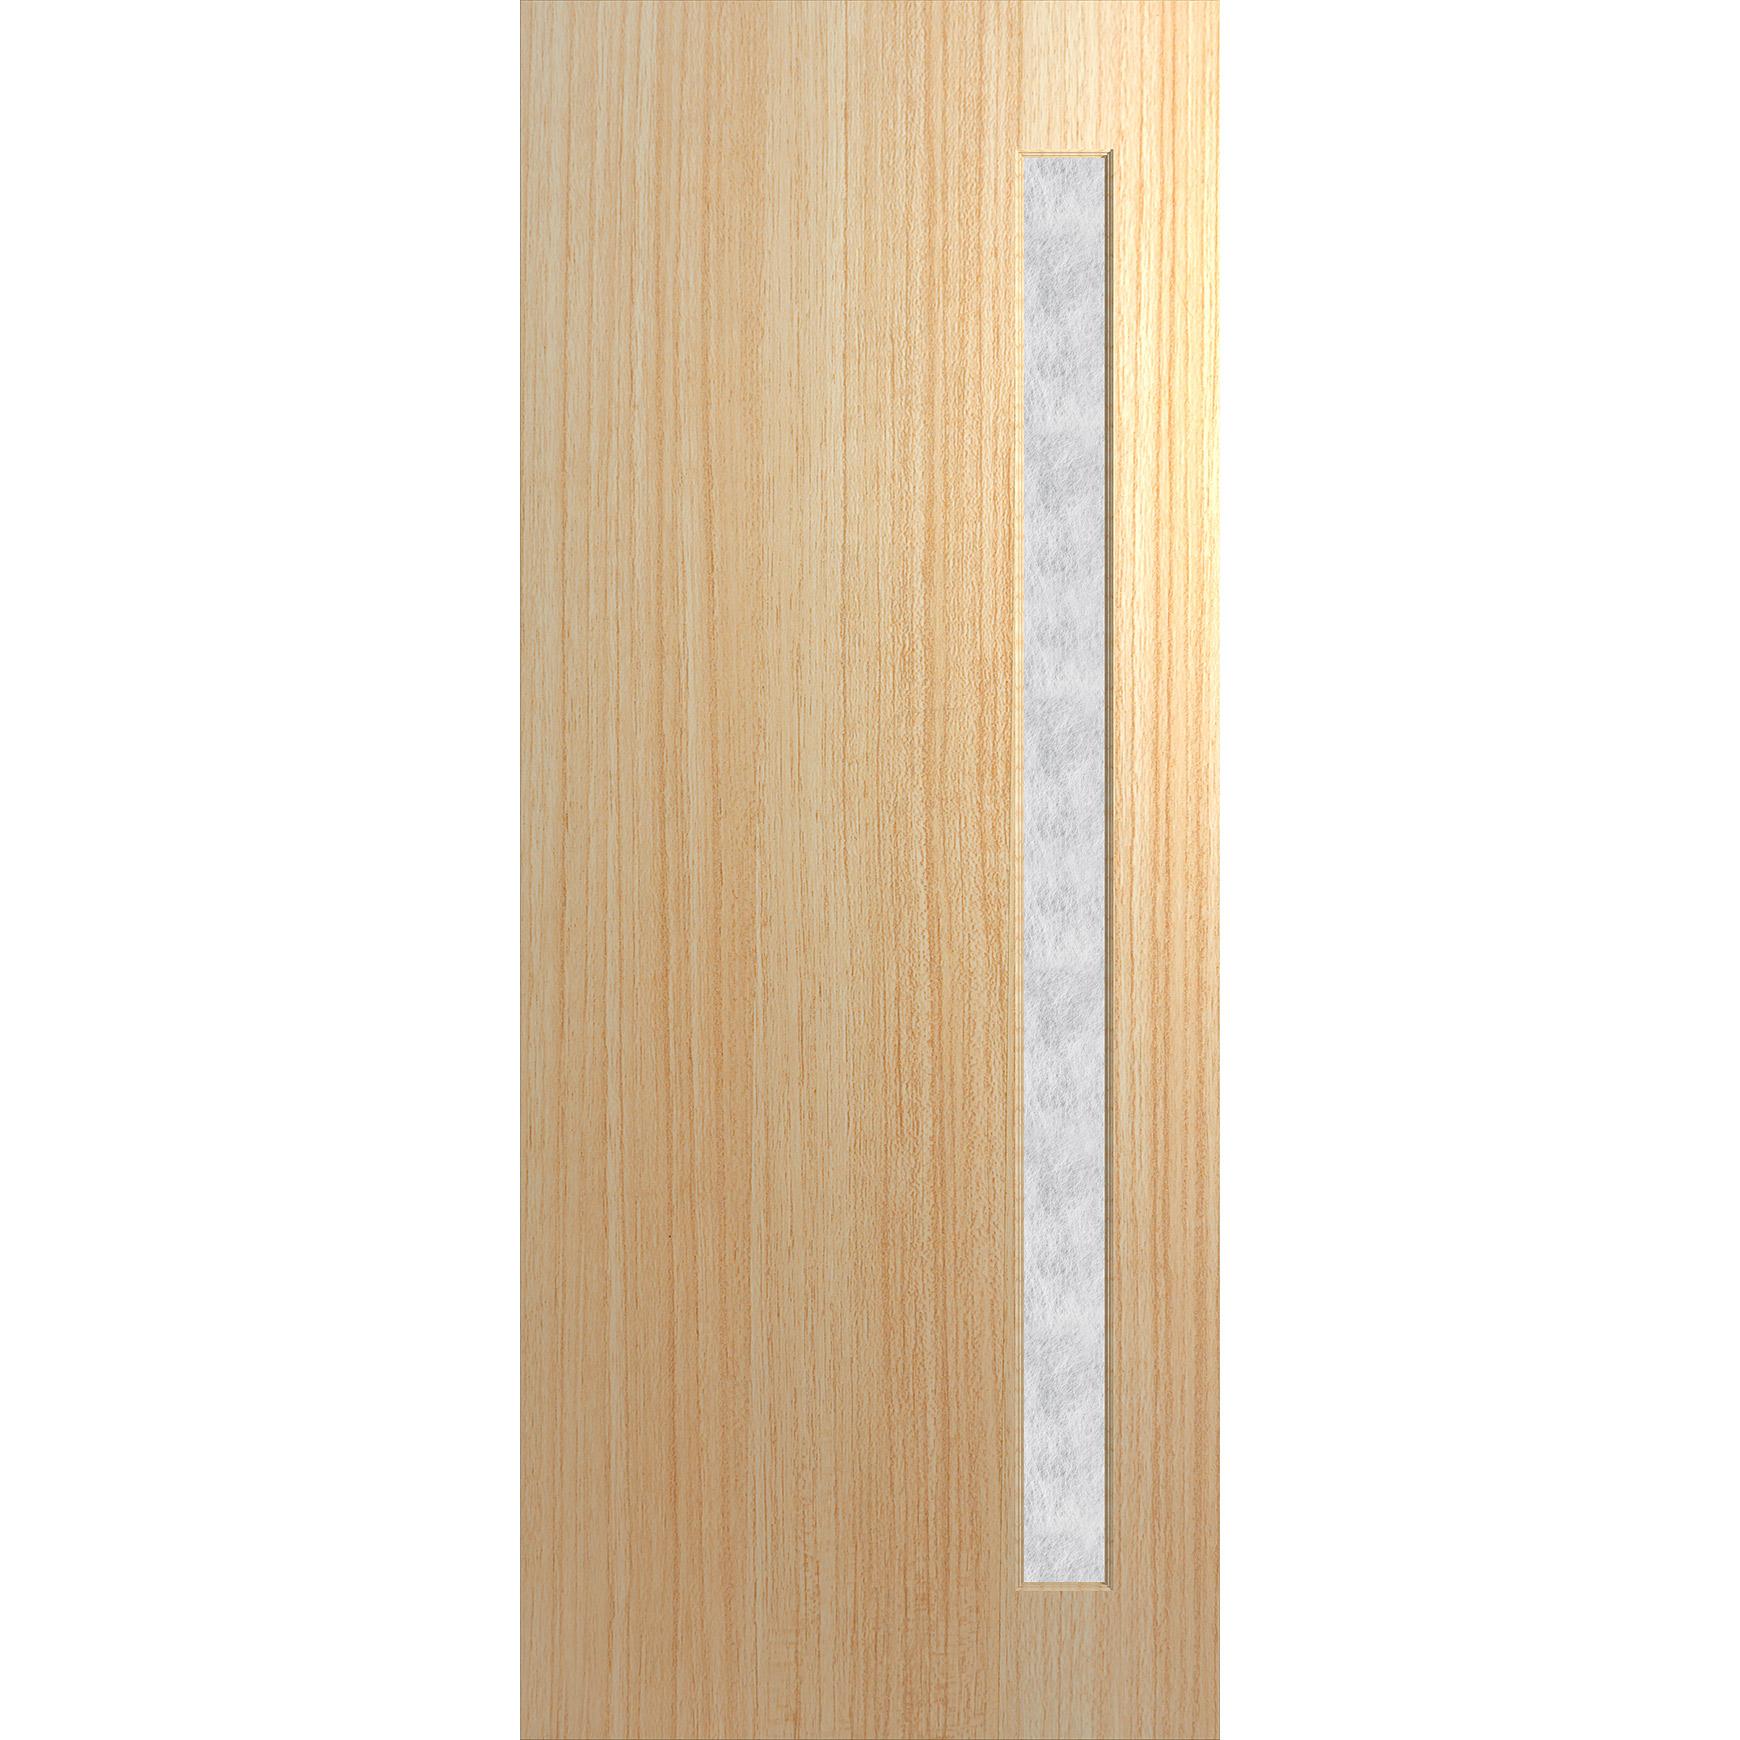 external door hume doors newington xn1 tas oak rice paper